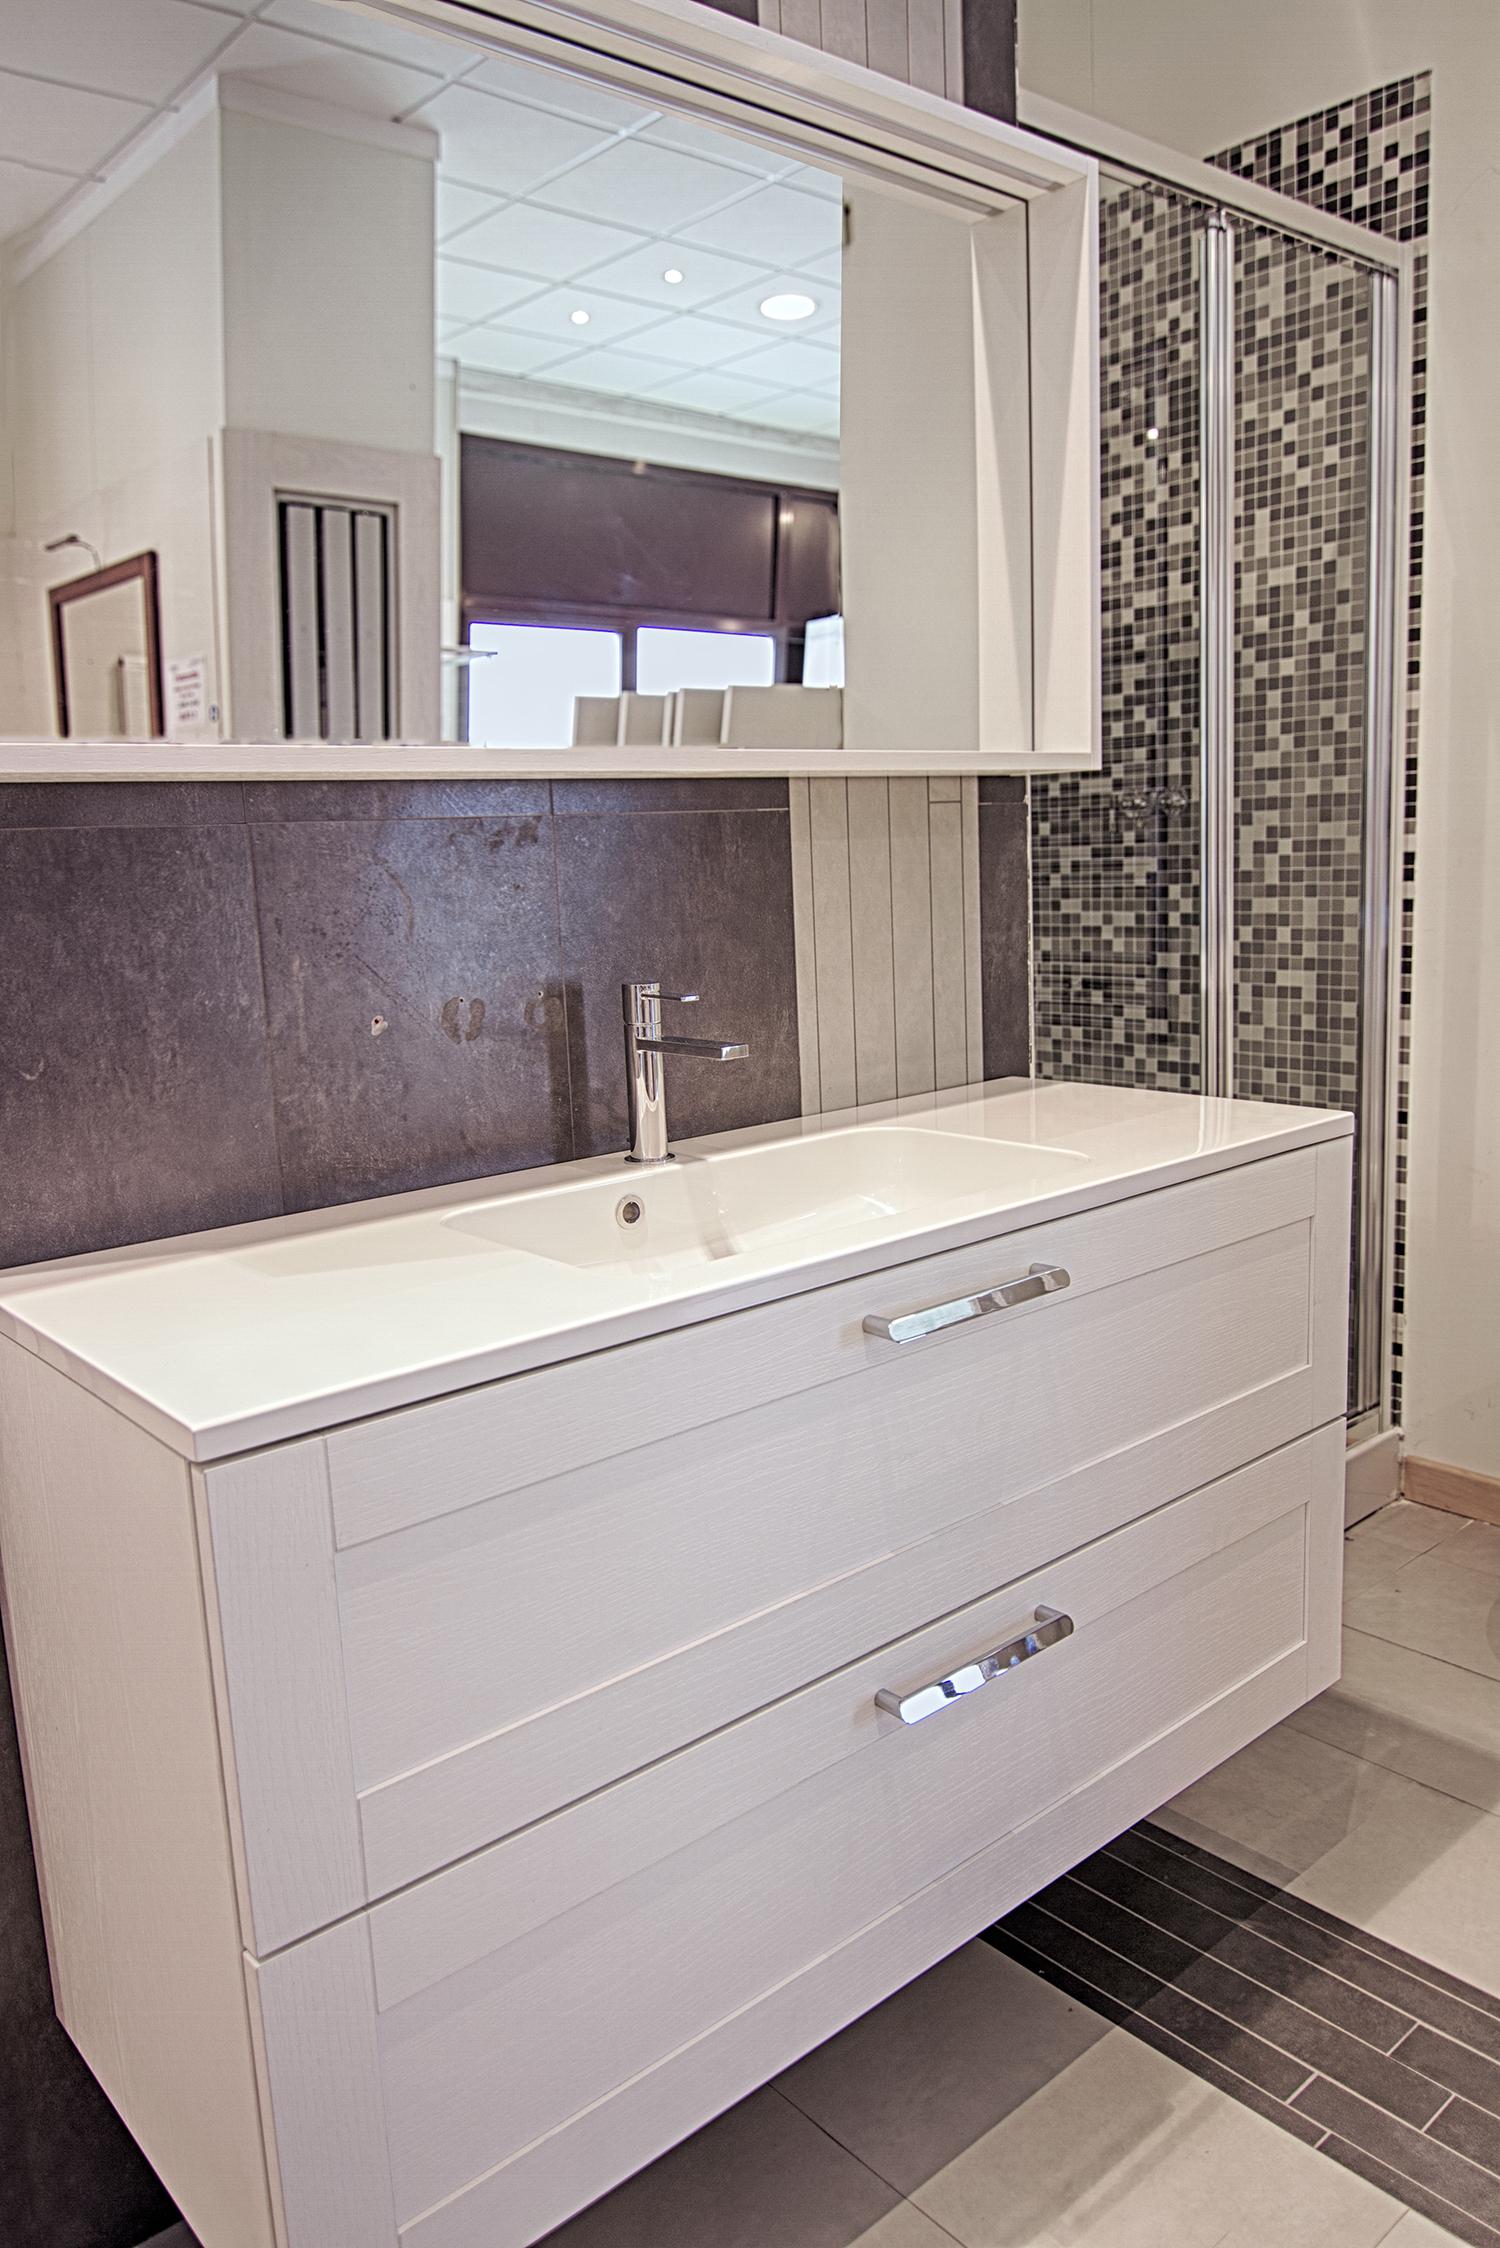 Specchio Con Luce Led E Lavabo Mineralmarmo Arredo Bagno Bagno E Accessori Casastore